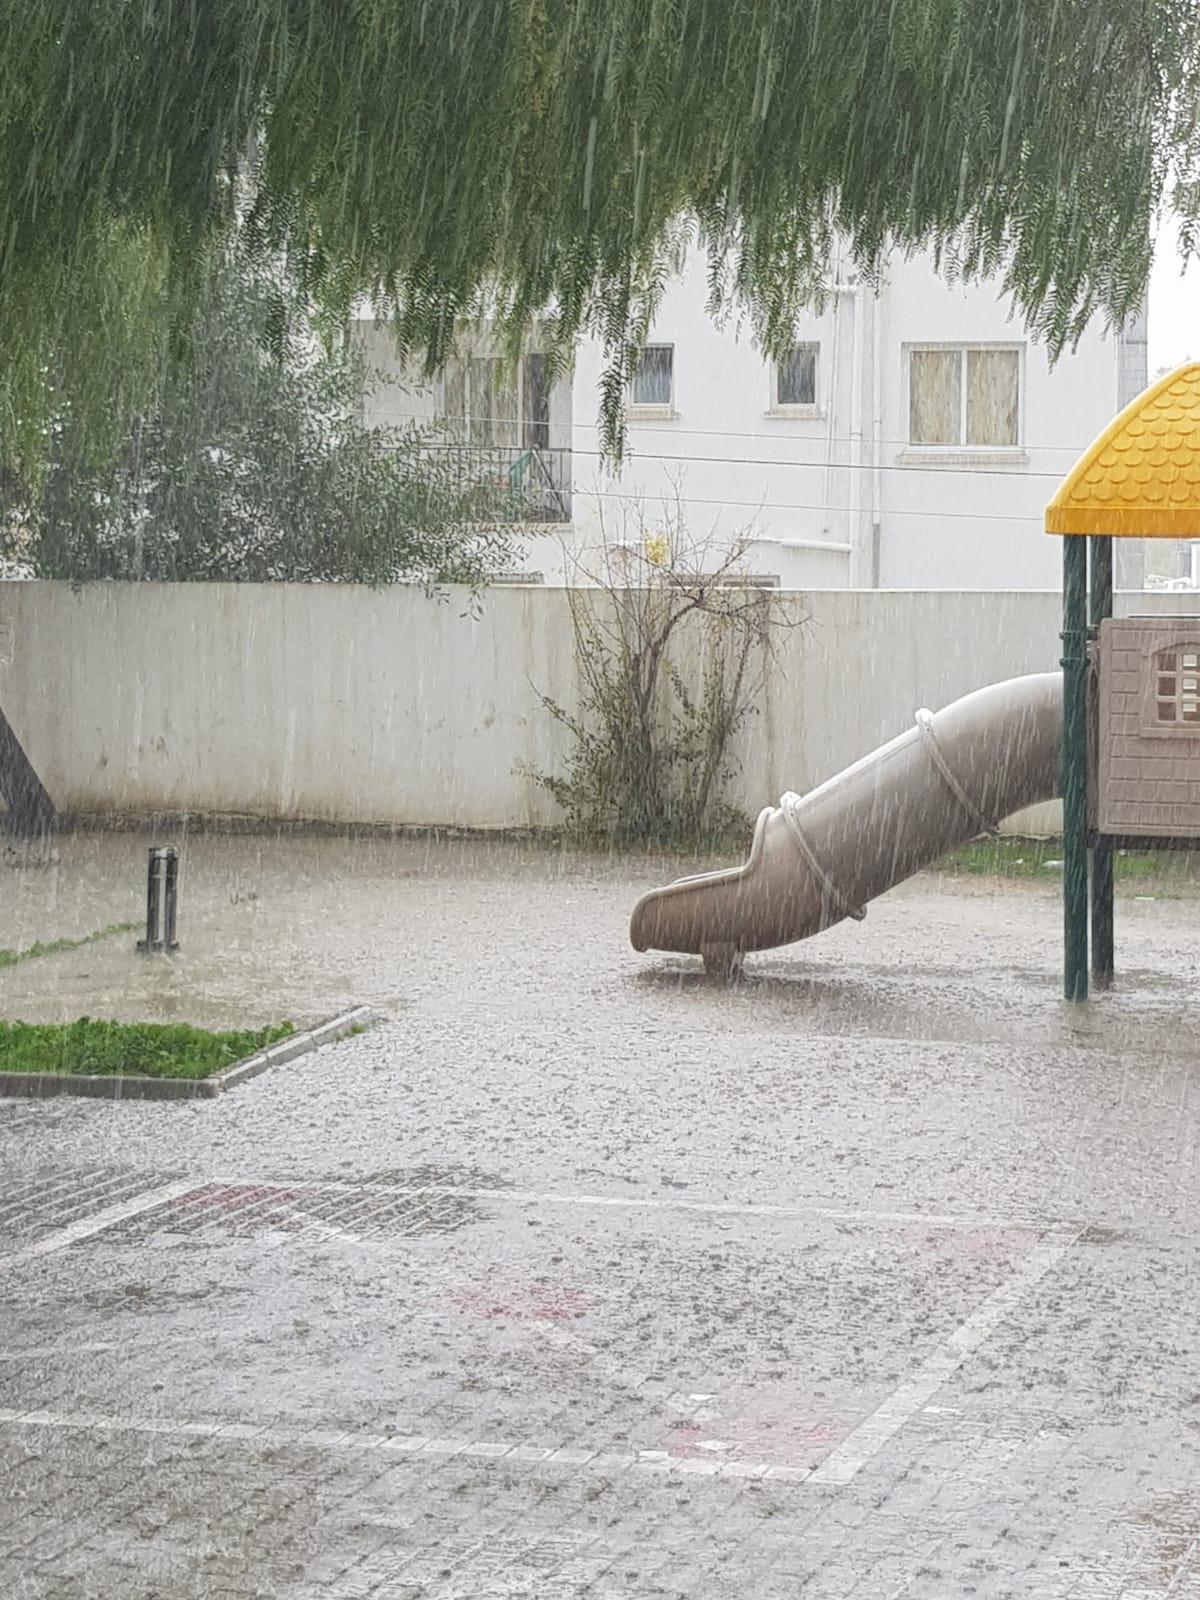 Aşırı Yağışlar ile İlgili Önlemlerin Gecikmesi Kabul Edilemez